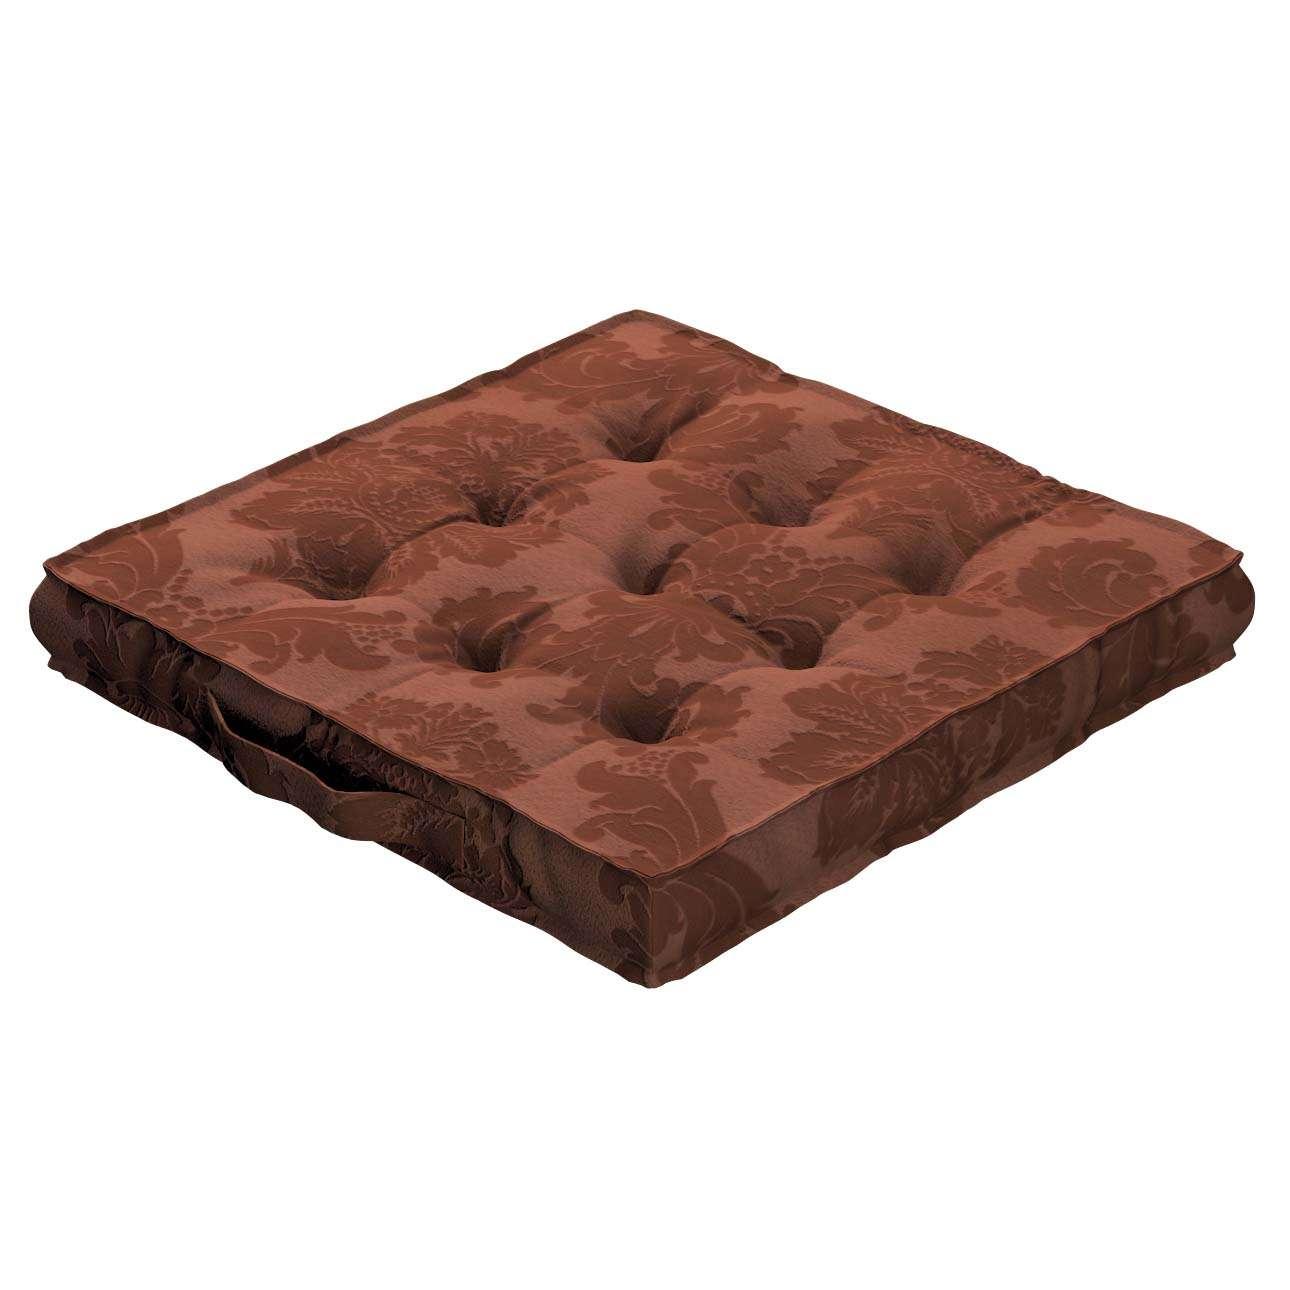 Pagalvėlė Kuba kėdei/ant grindų 40 x 40 x 6 cm kolekcijoje Damasco, audinys: 613-88